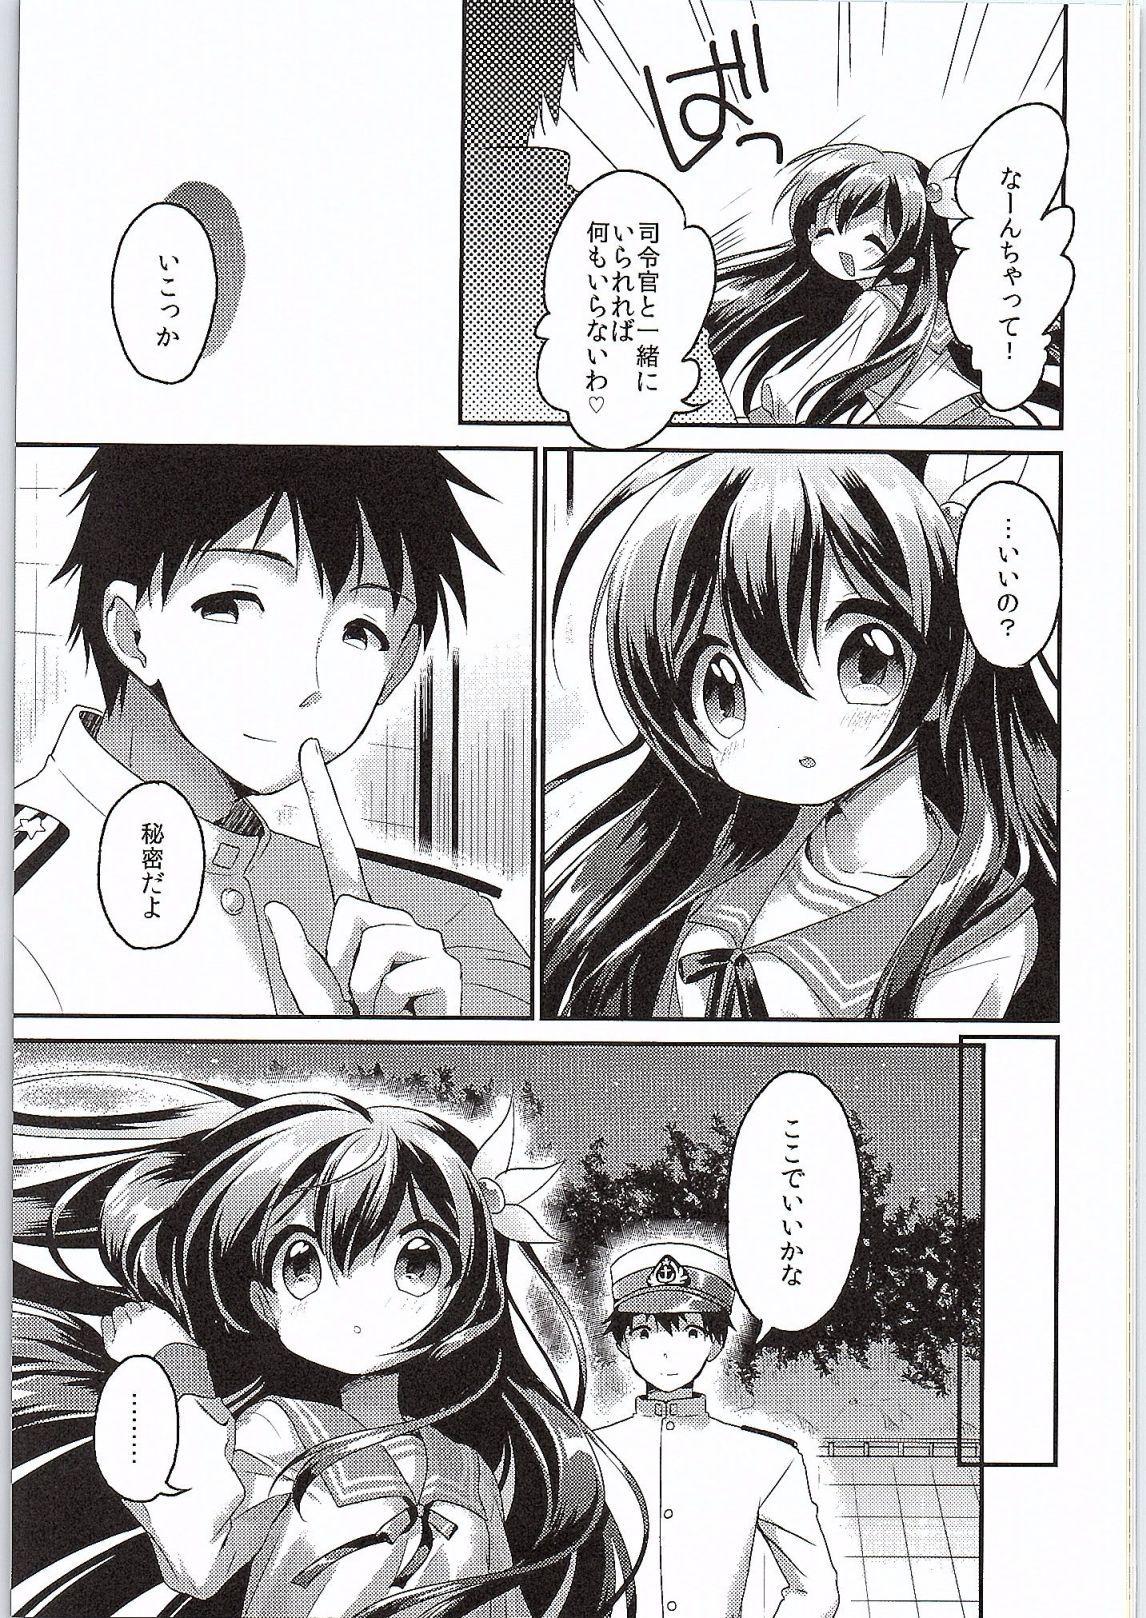 【エロ漫画】ケッコンしたちっぱいロリ美少女の如月と提督がロリマン堪能しまくりでロマンチックなイチャラブセックスしてますwwwww最後は青姦中出しフィニッシュwwwww